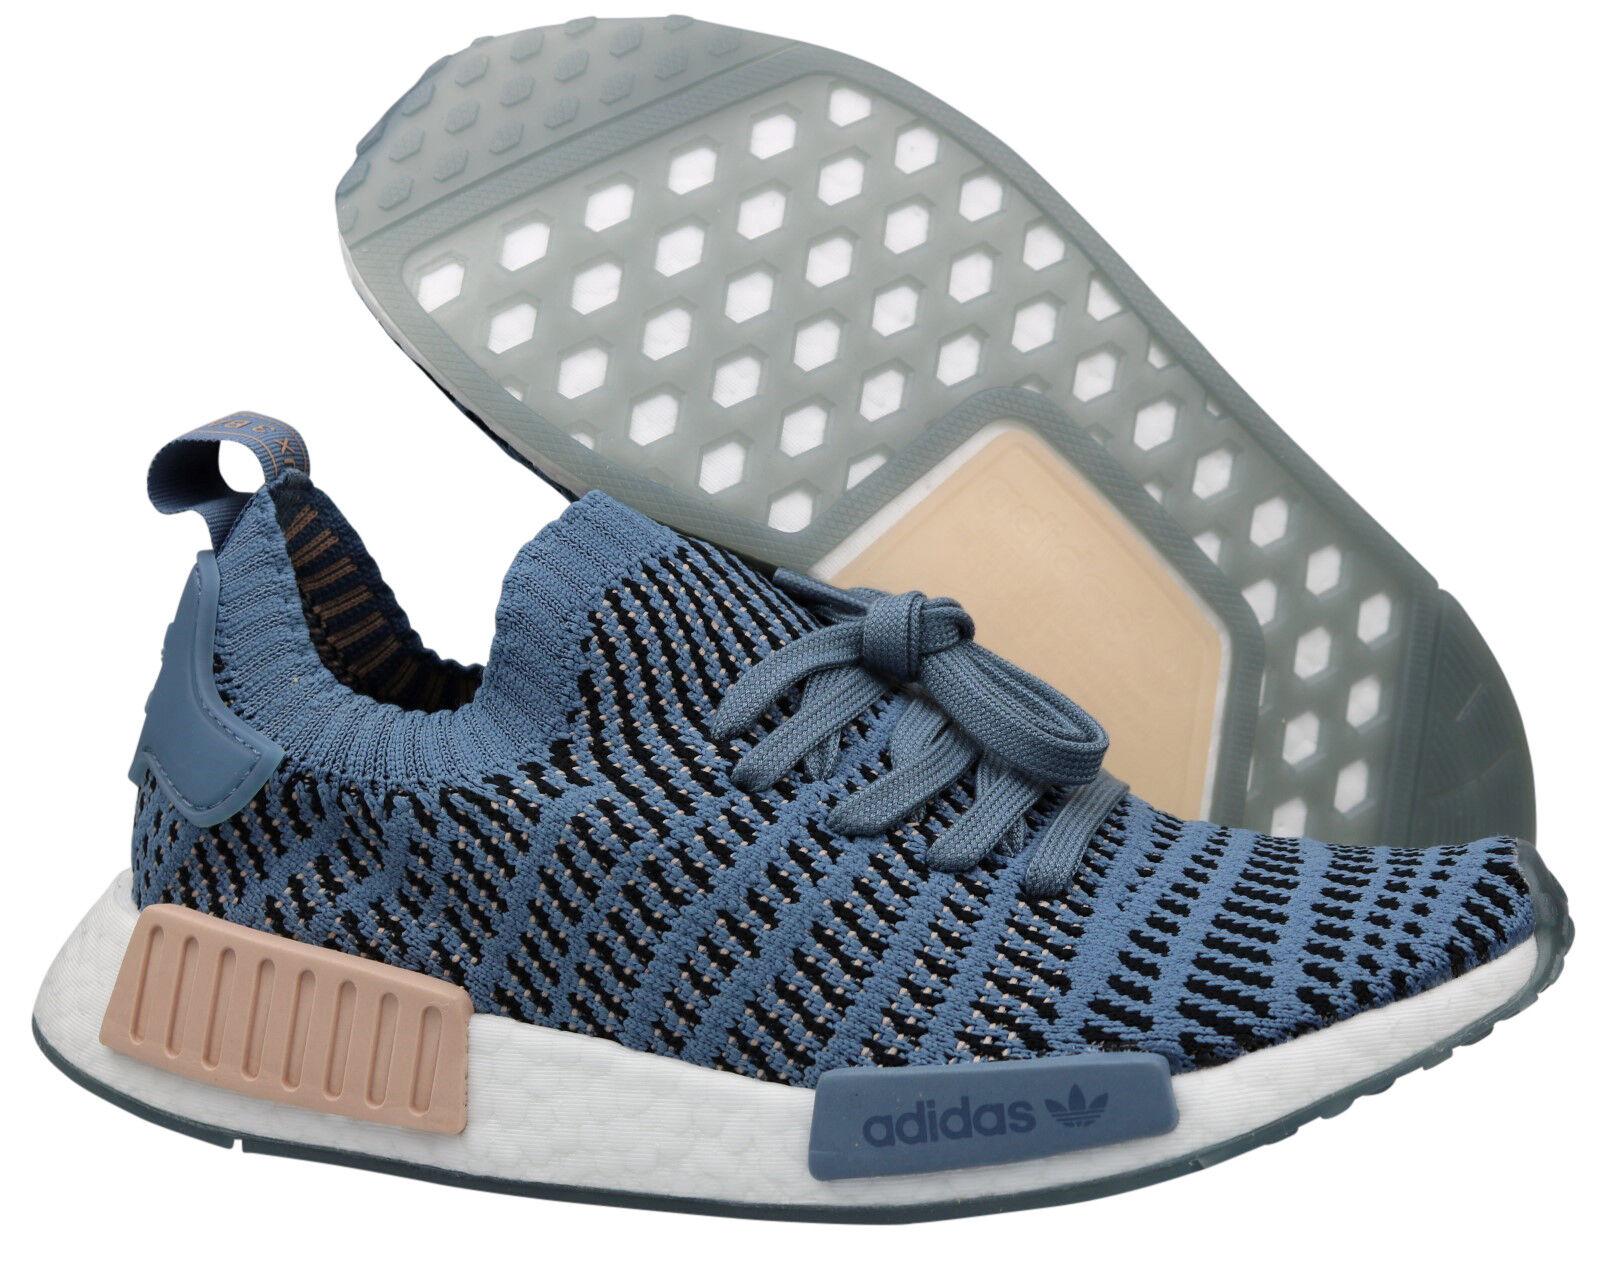 ADIDAS ADIDAS ADIDAS NMD r1 Primeknit W scarpe da ginnastica Donna Scarpe cq2029 Blu Taglia 36 - 42 NUOVO & OVP edd66d